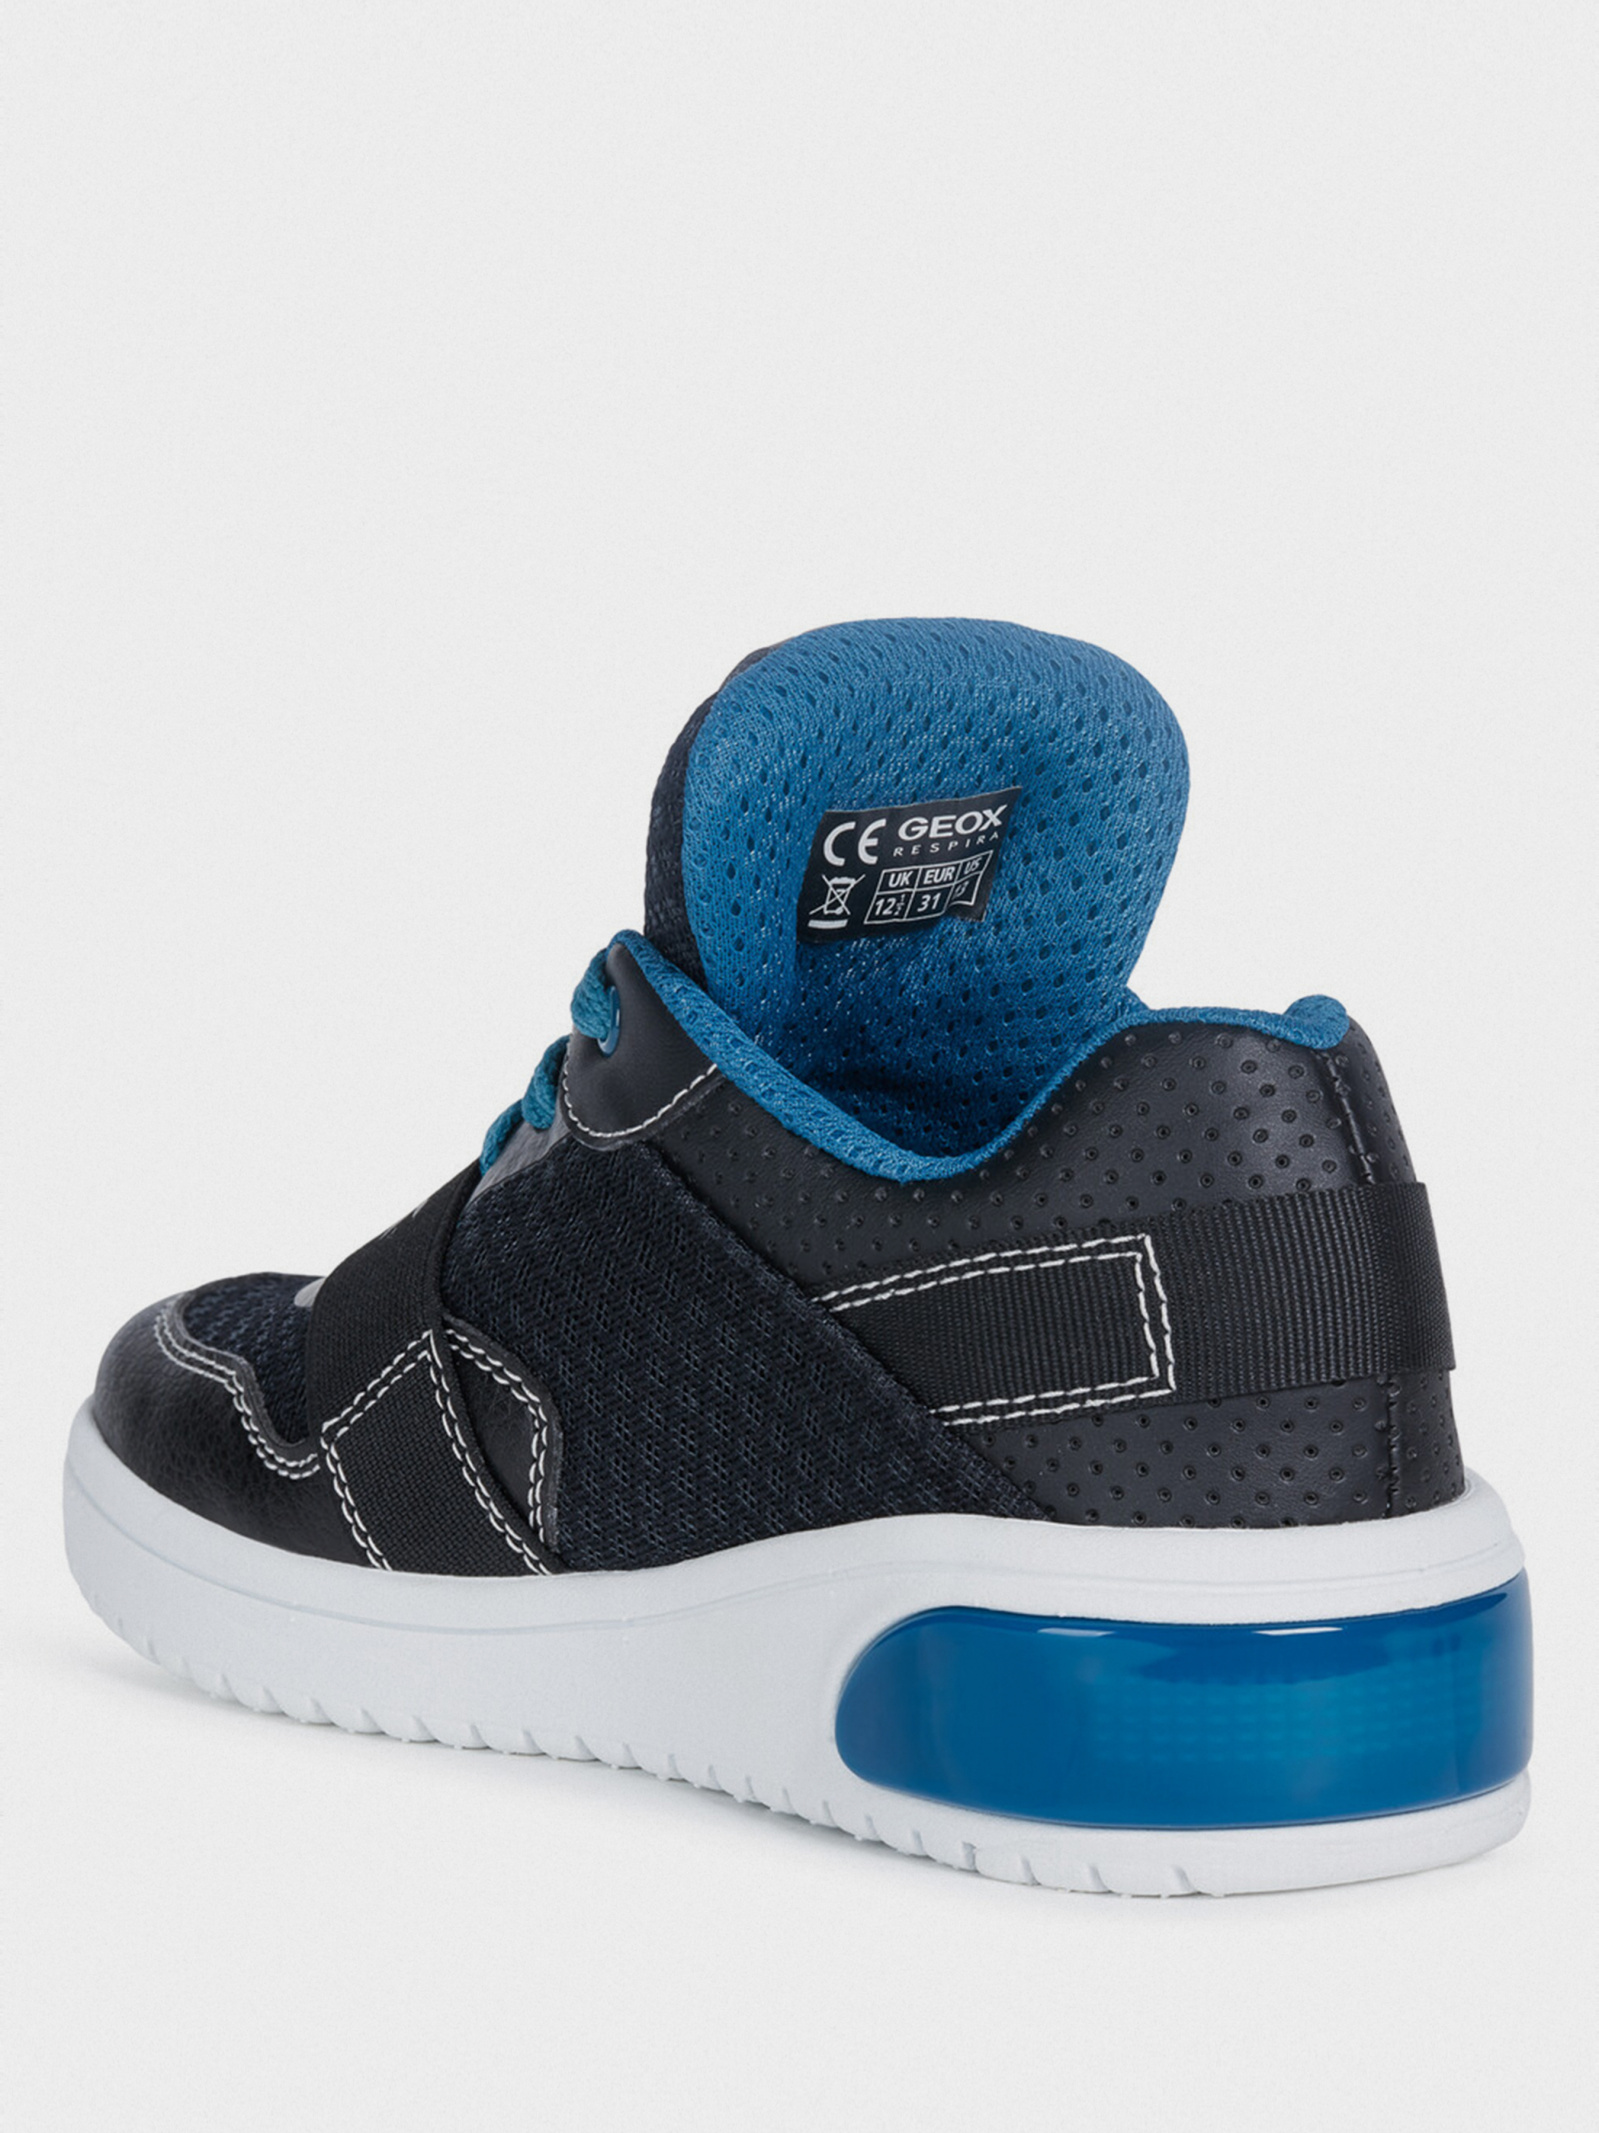 Кроссовки для детей Geox J XLED BOY J927QB-01454-C9269 модная обувь, 2017